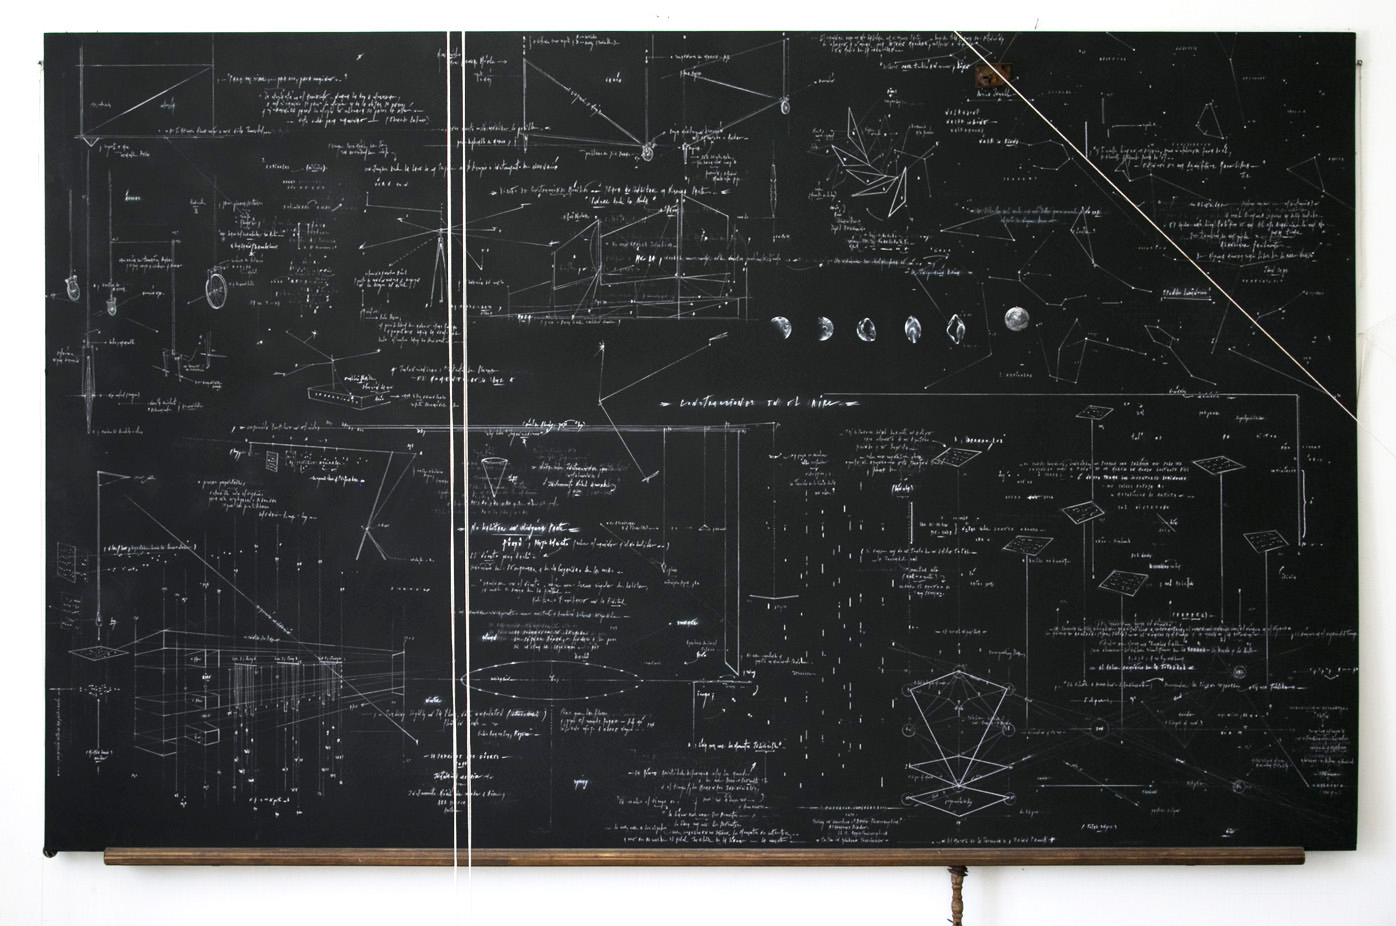 CONSTRUCCIONES EN EL AIRE |Pizarra. Dibujo a tiza y lápiz pitt. 244 x 152 cm. Stgo, Chile, 2016.